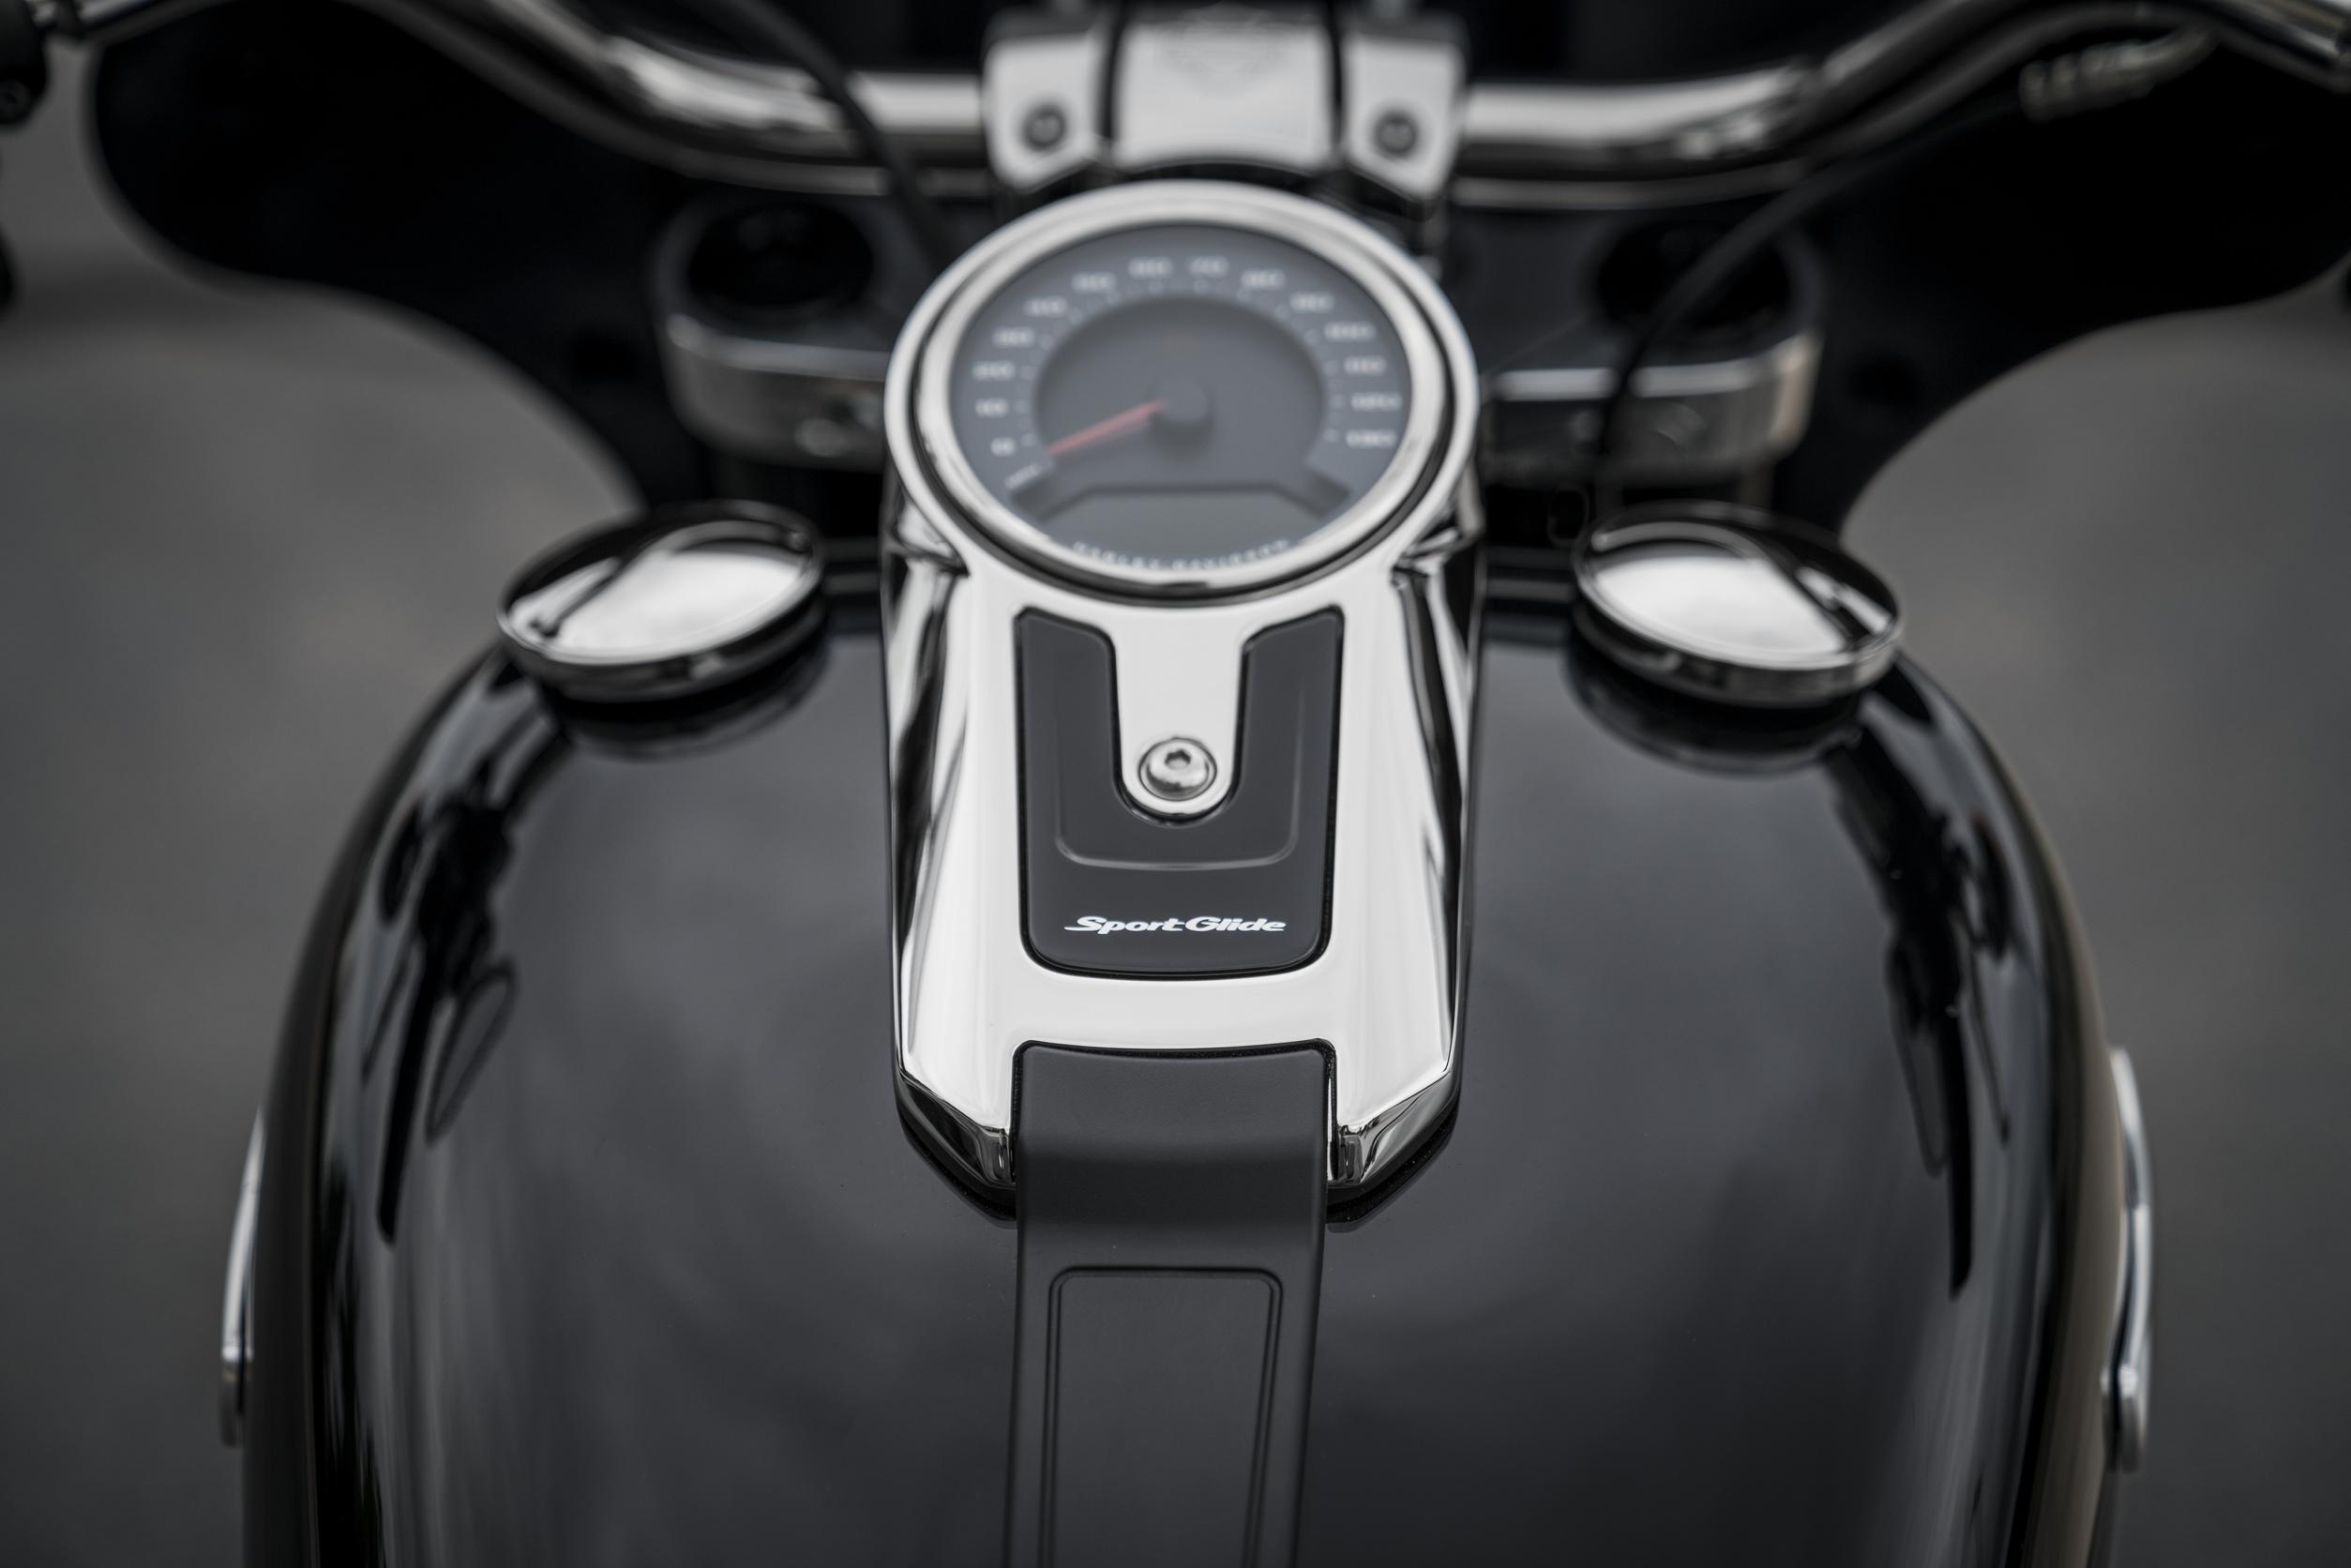 Harley Davidson Aktien Kurs